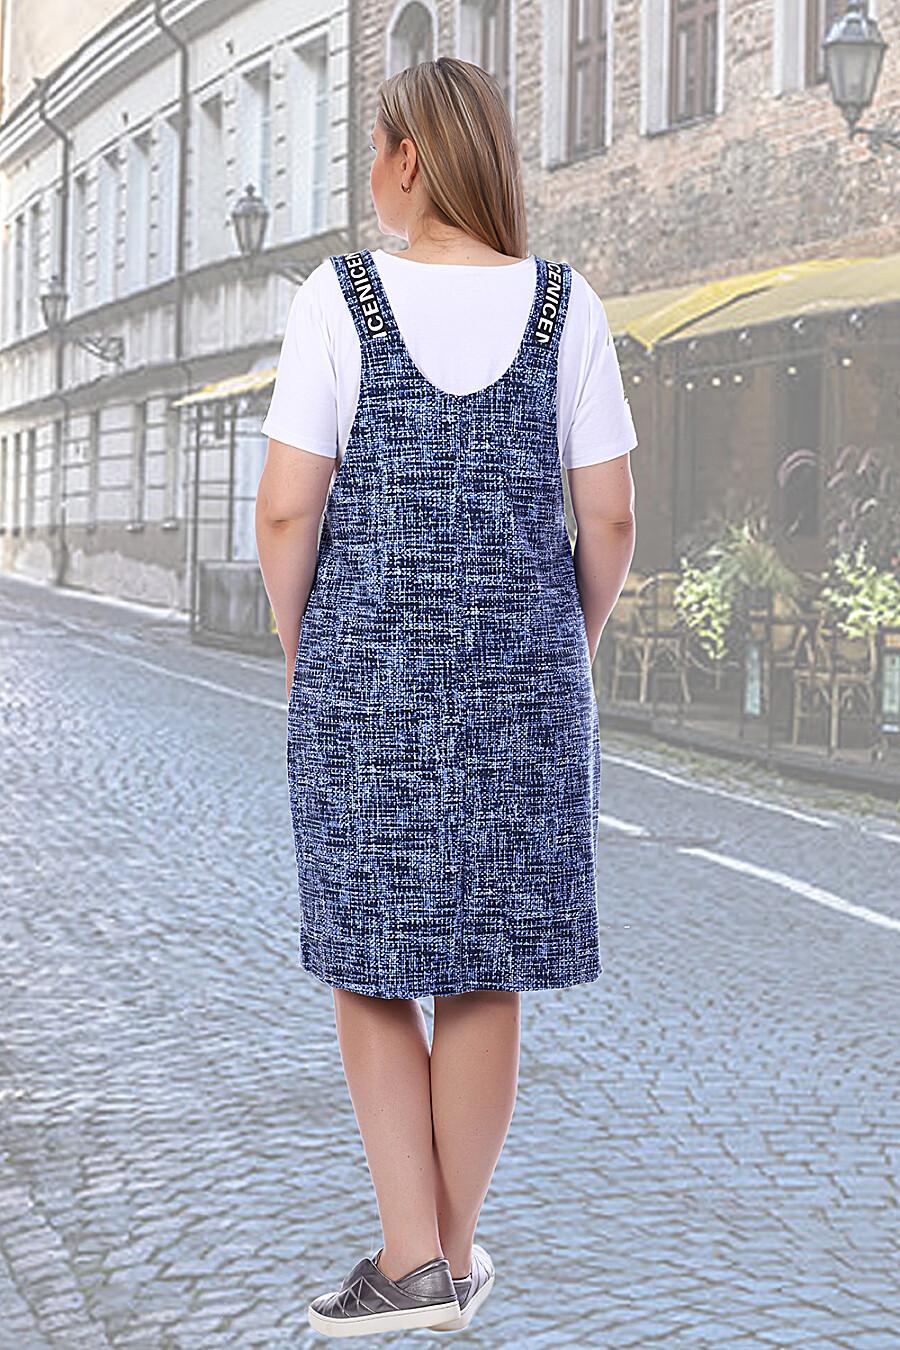 Сарафан Луга для женщин НАТАЛИ 707954 купить оптом от производителя. Совместная покупка женской одежды в OptMoyo